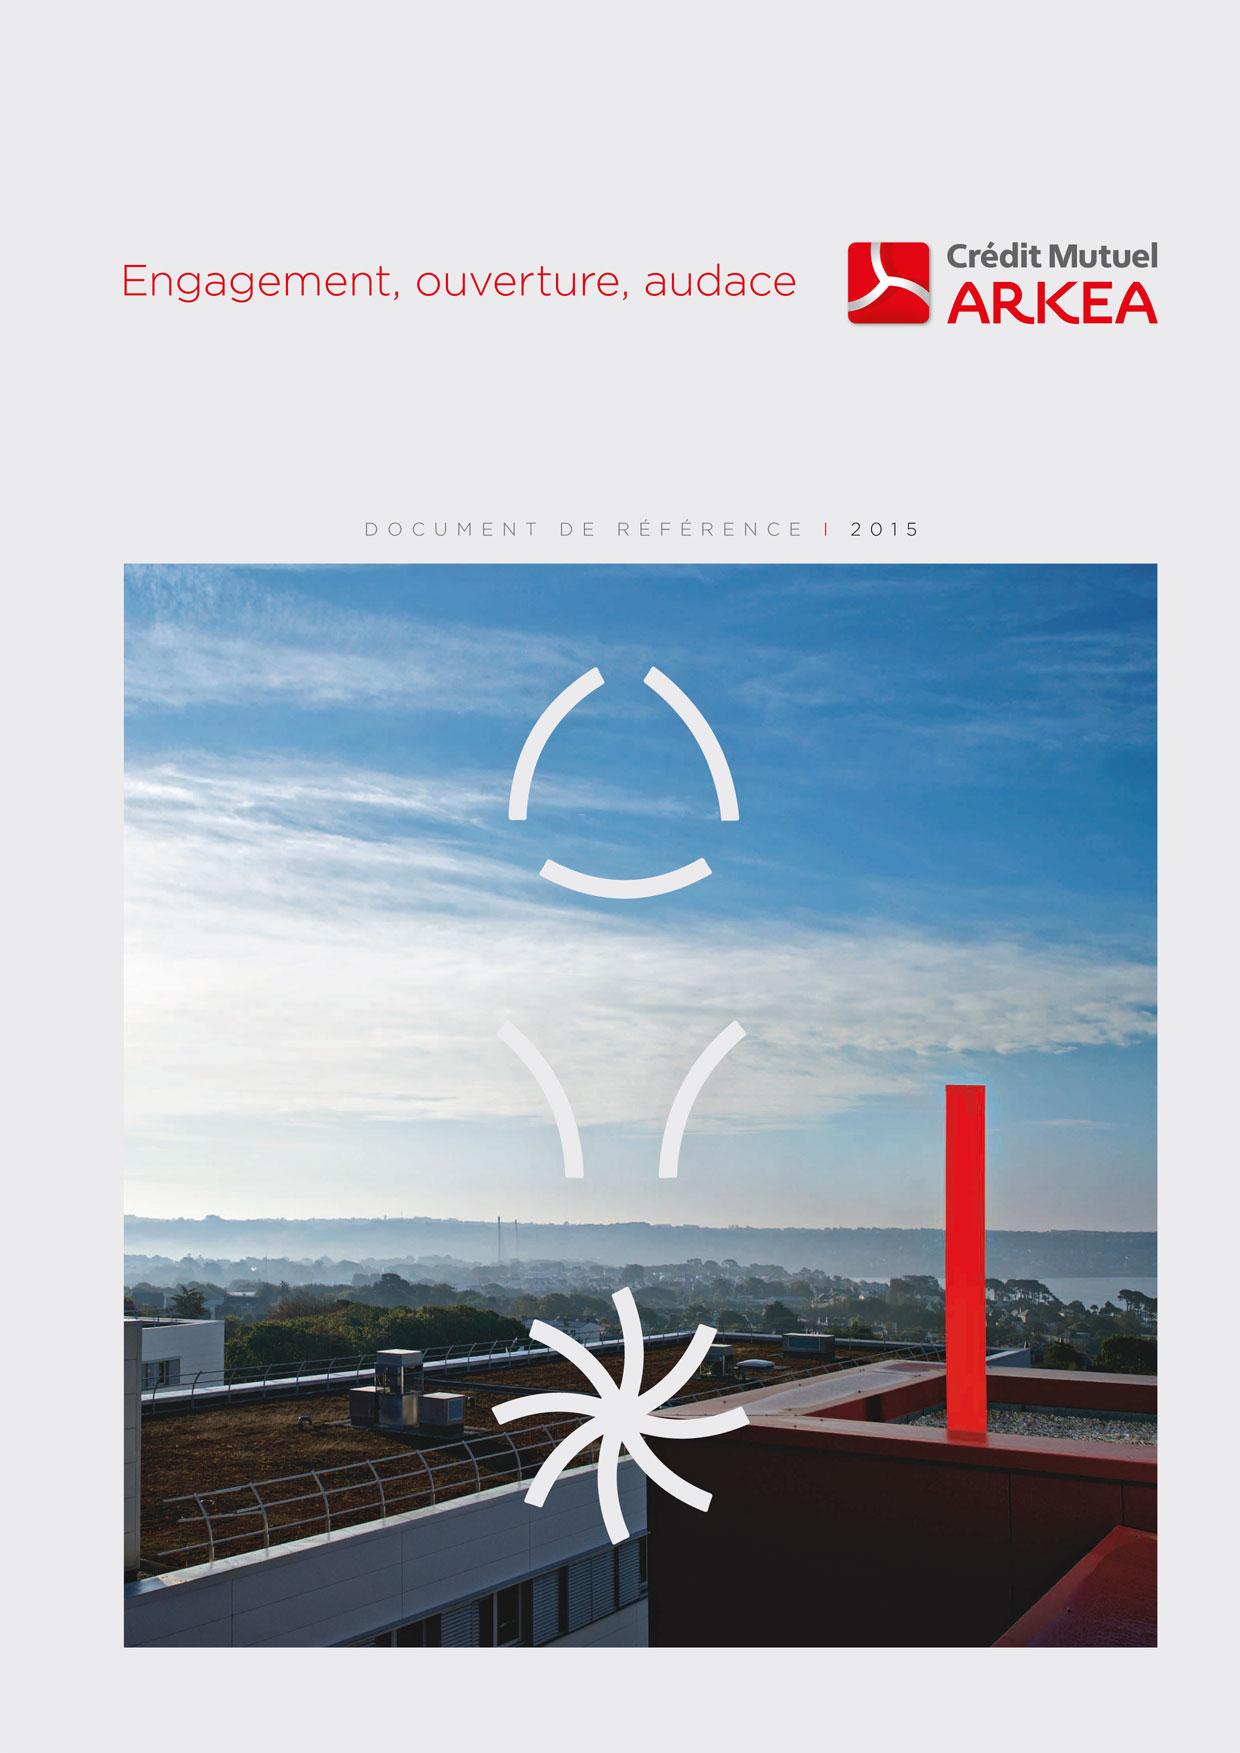 Document de référence 2015 du Crédit Mutuel Arkéa